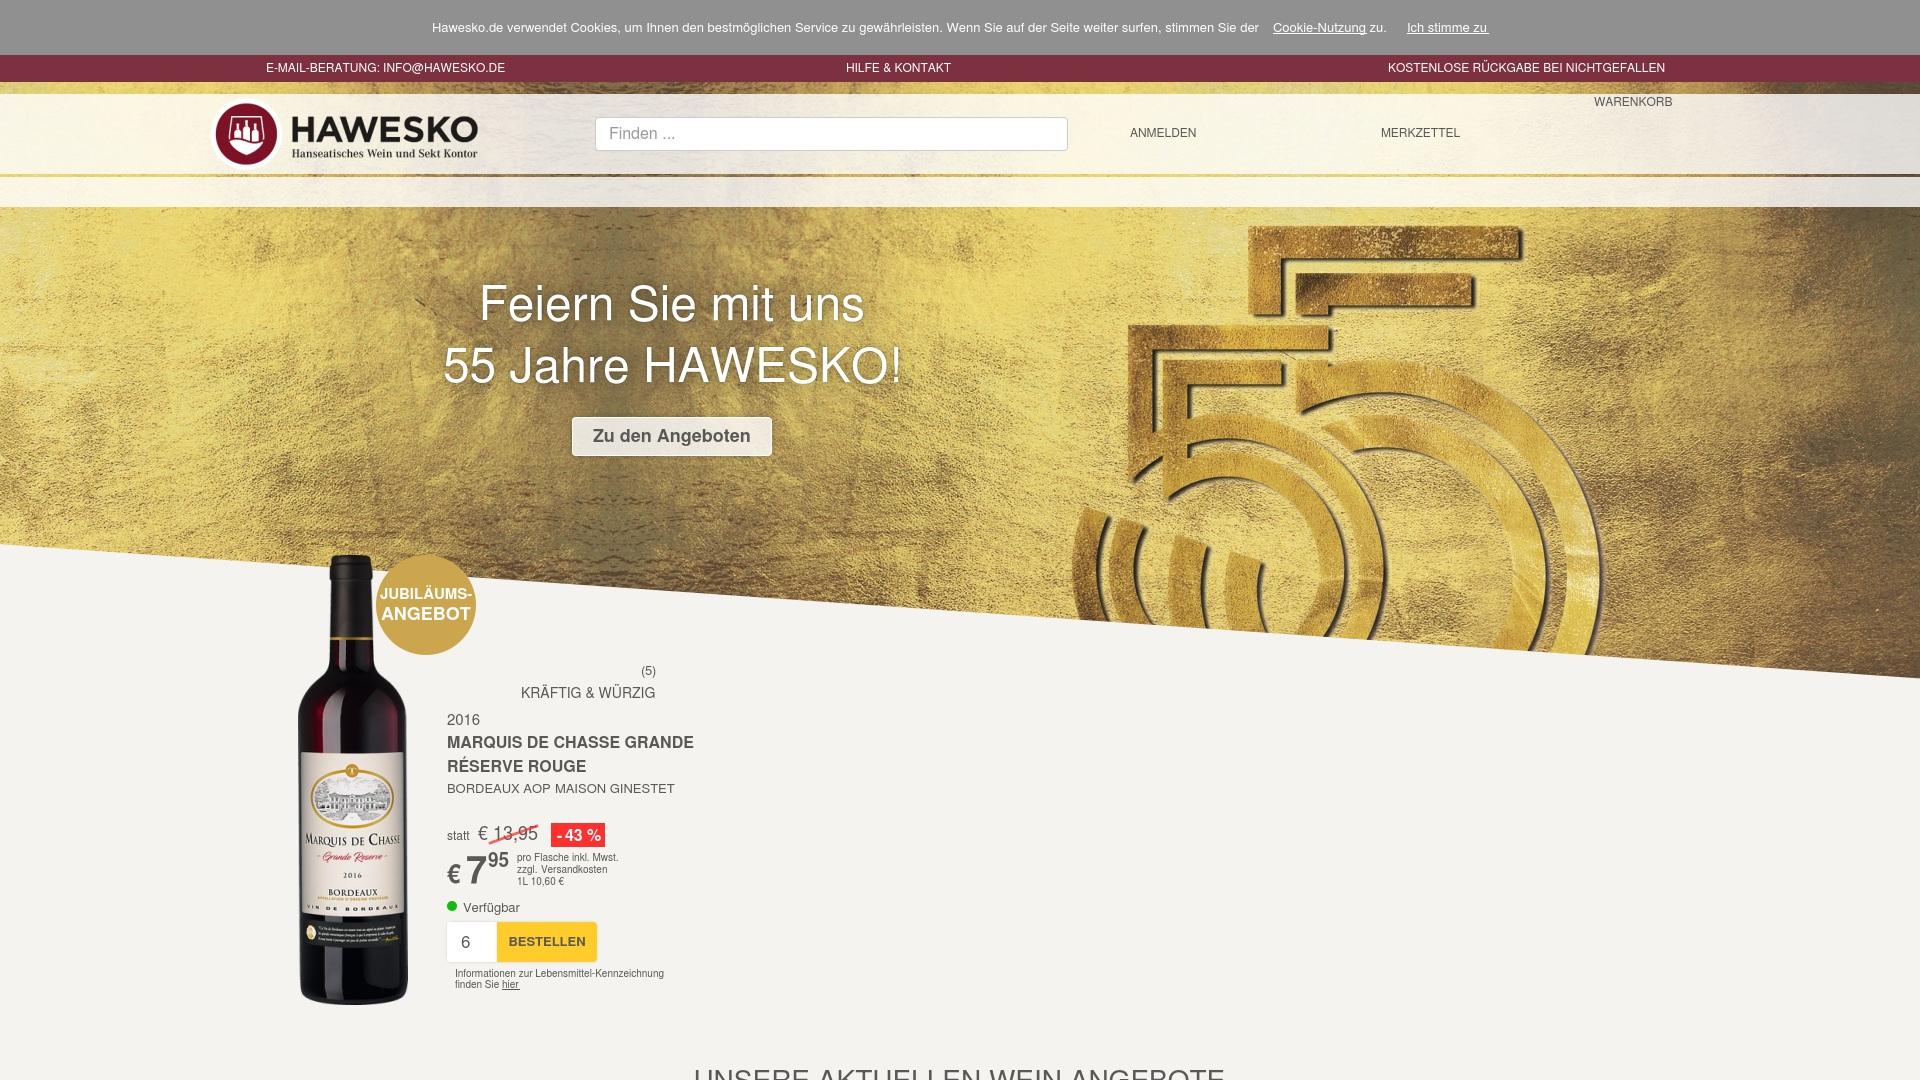 Gutschein für Hawesko: Rabatte für  Hawesko sichern